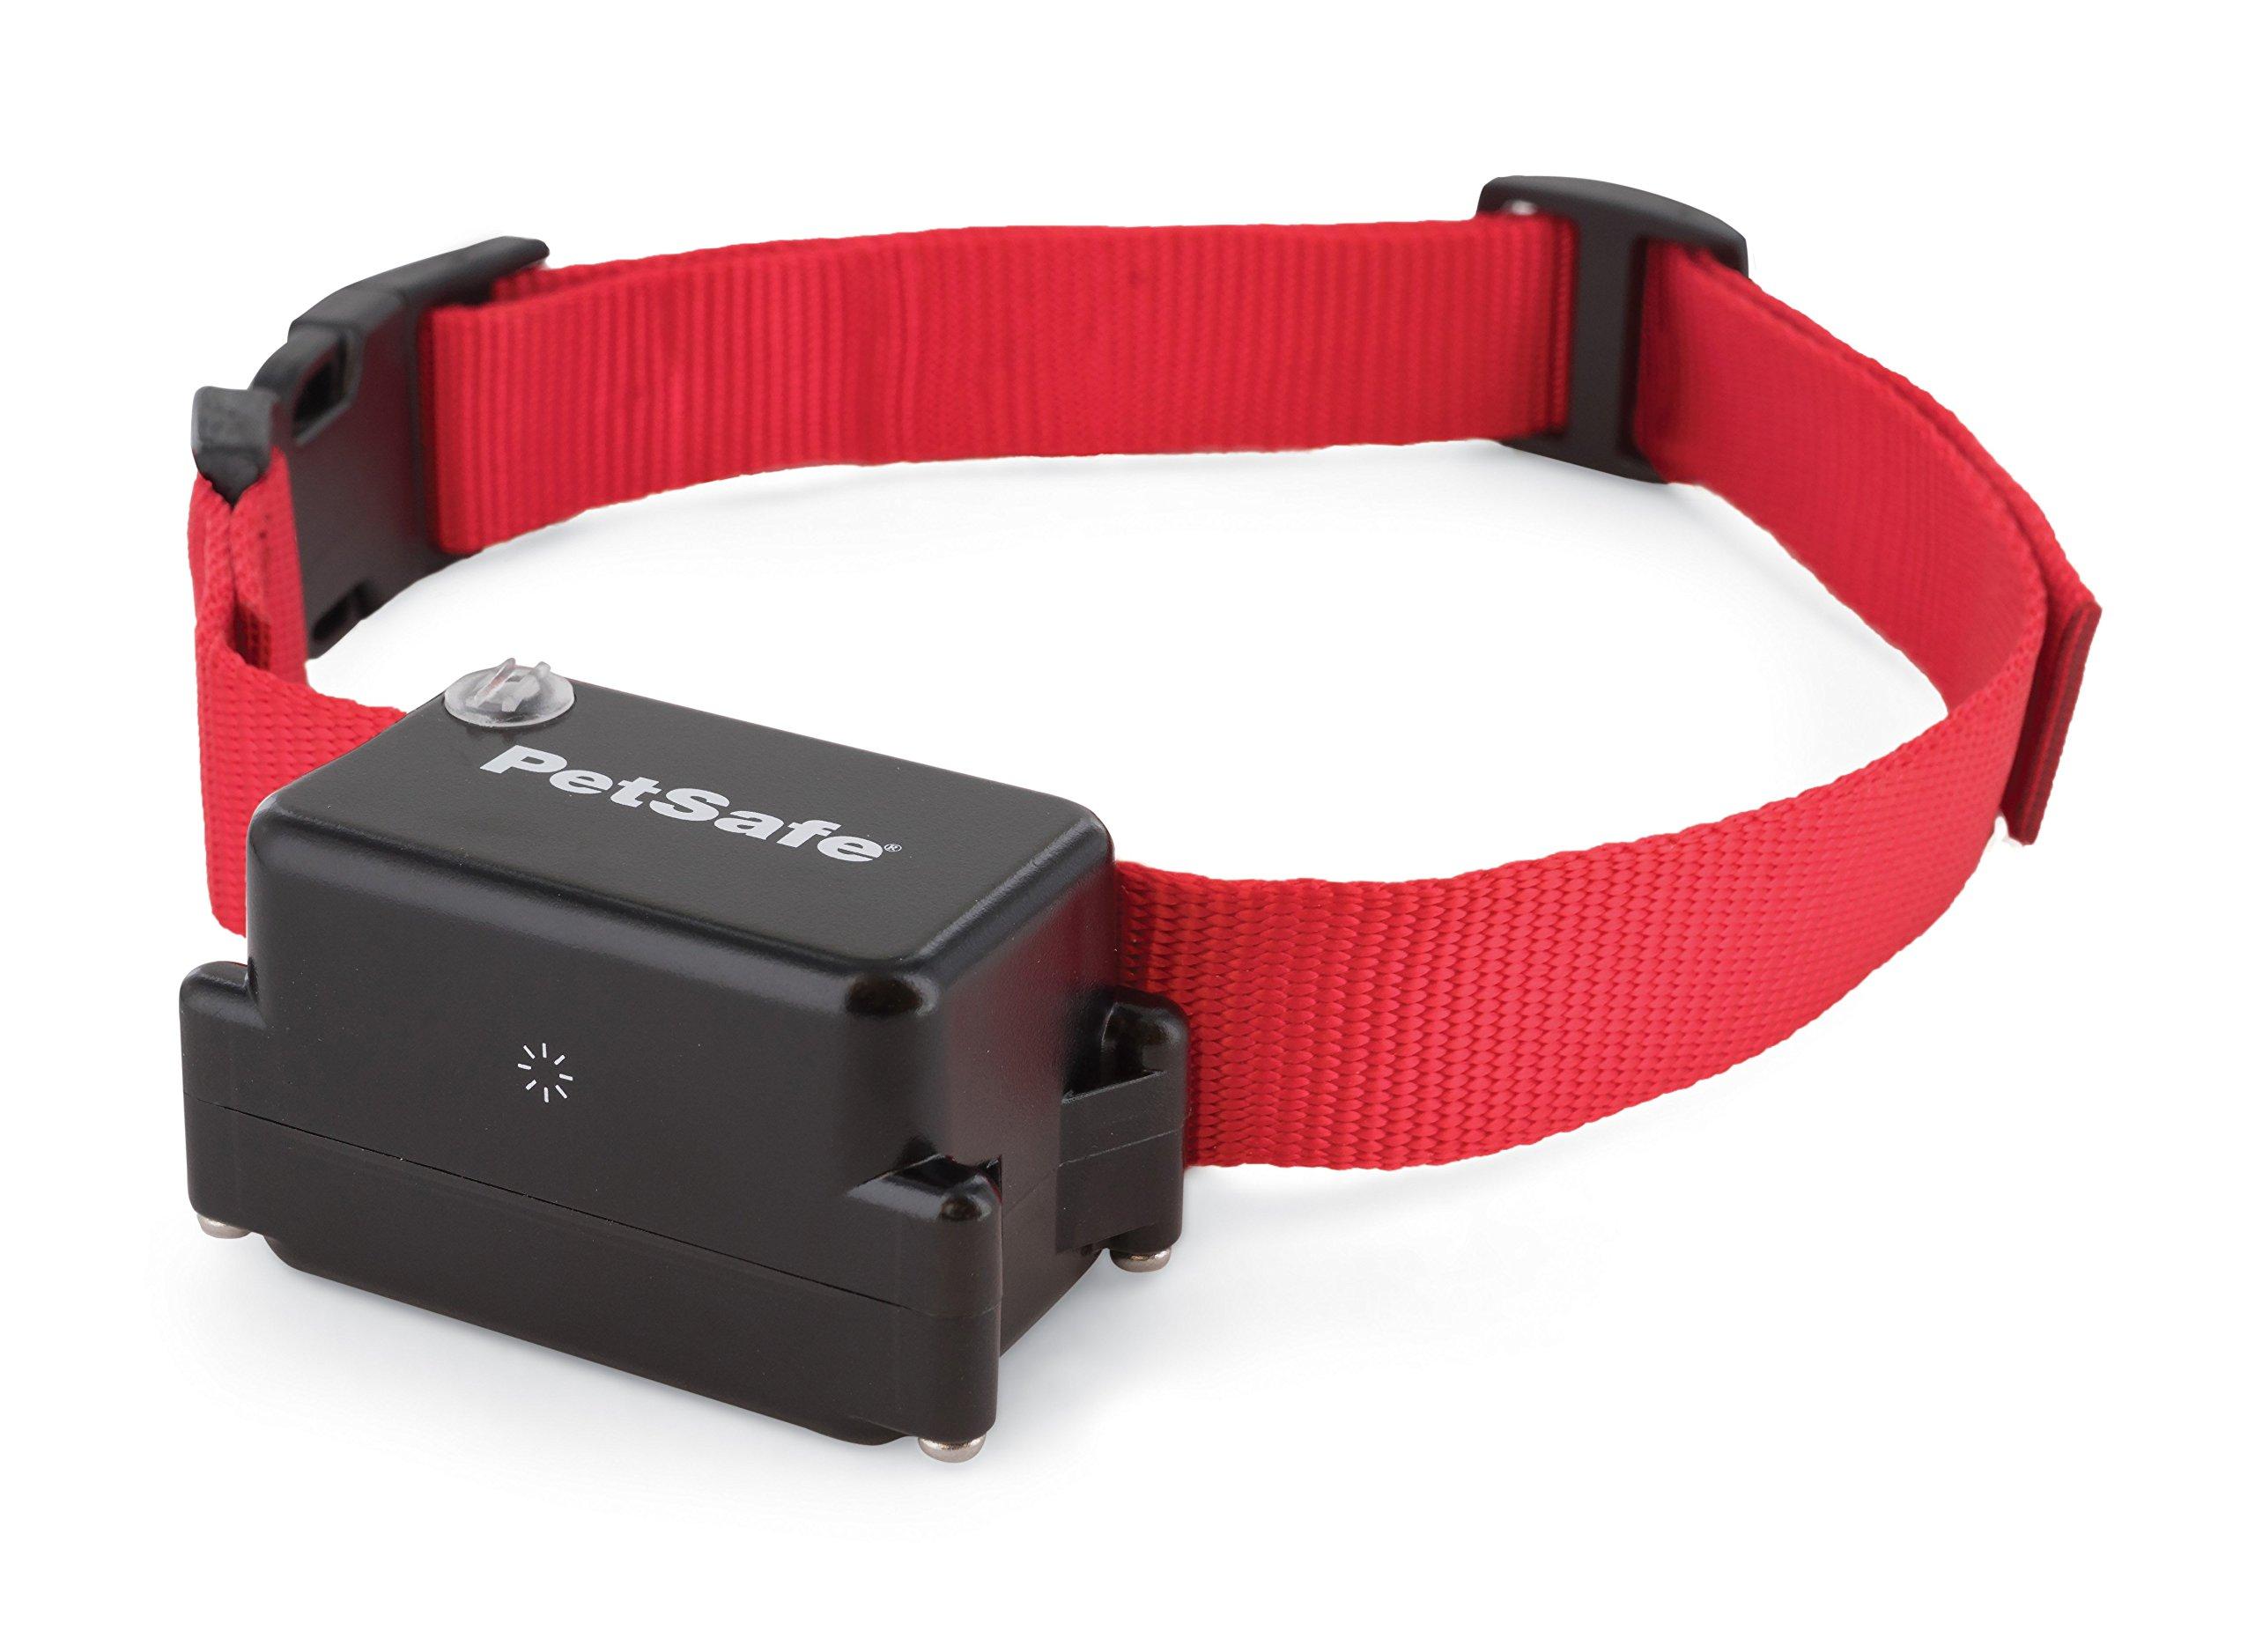 PetSafe - Collier Anti-Fugue Supplémentaire pour Chien pour Clôture Anti-Fugue avec Fil - Imperméable product image